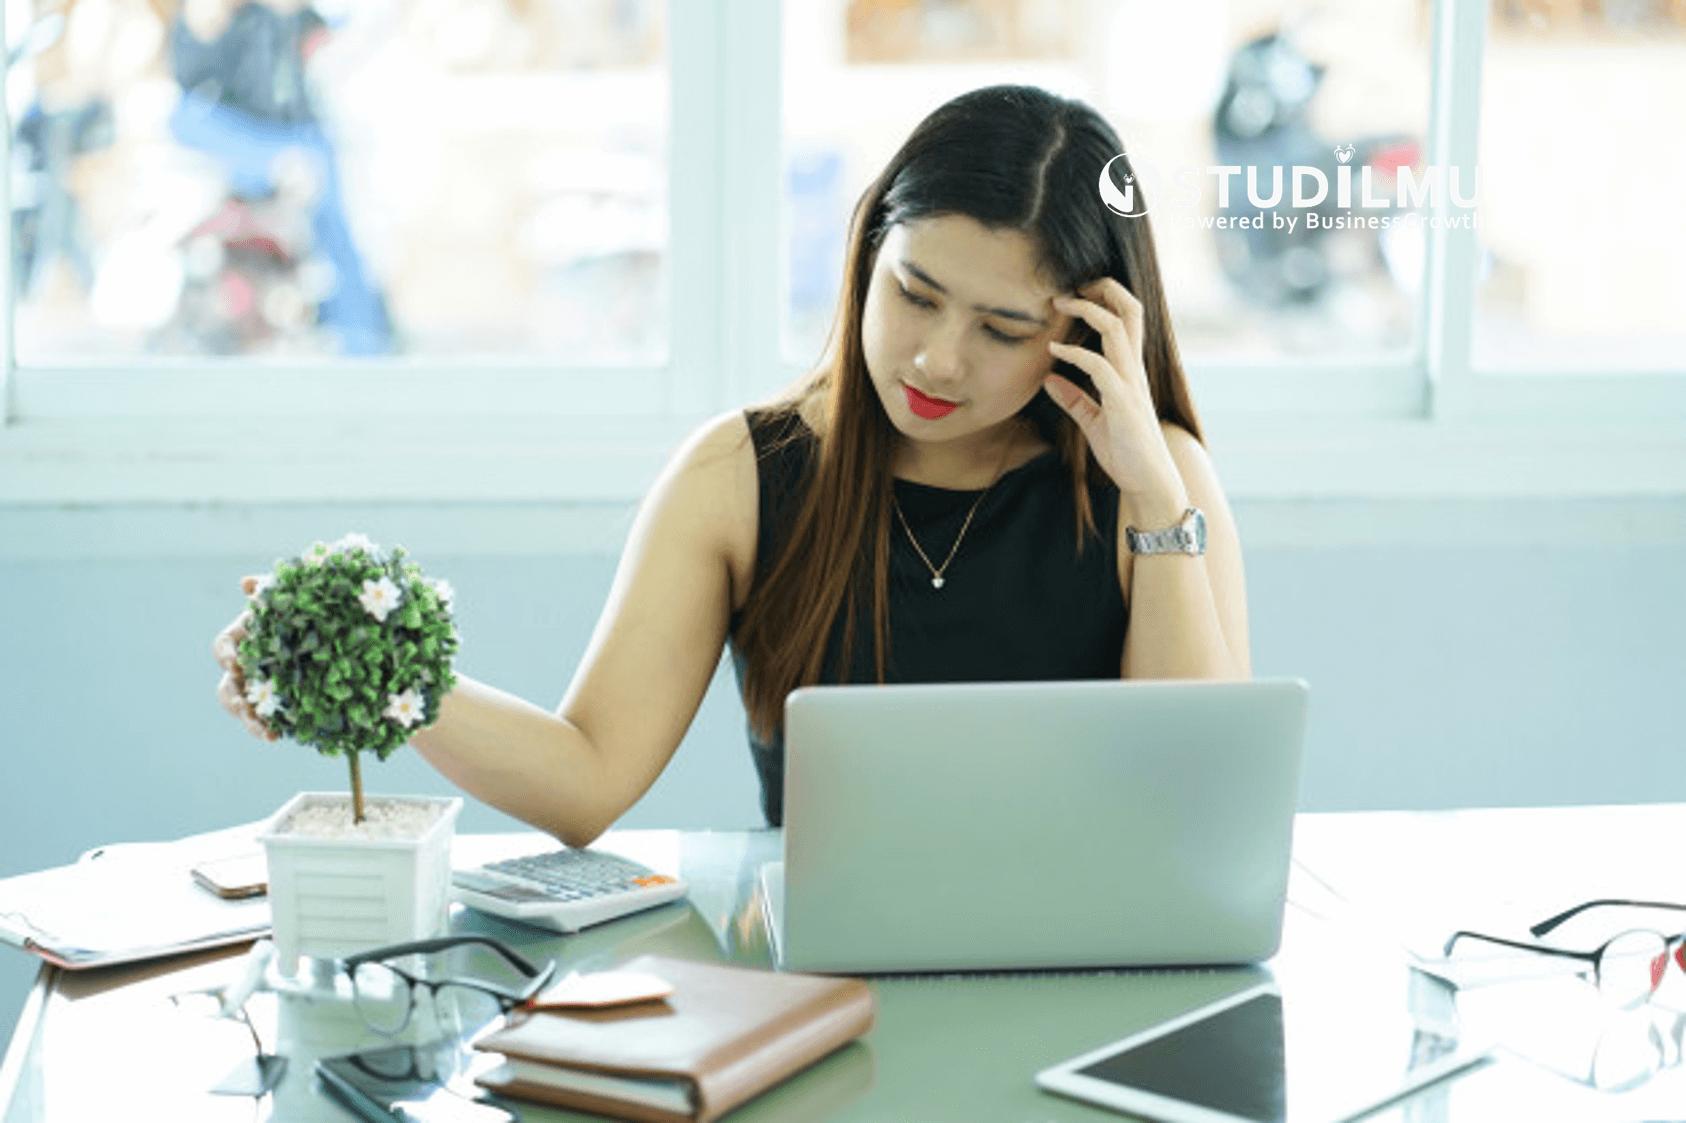 10 Sikap Negatif yang Dapat Mengganggu Kenyamanan Lingkungan Kerja